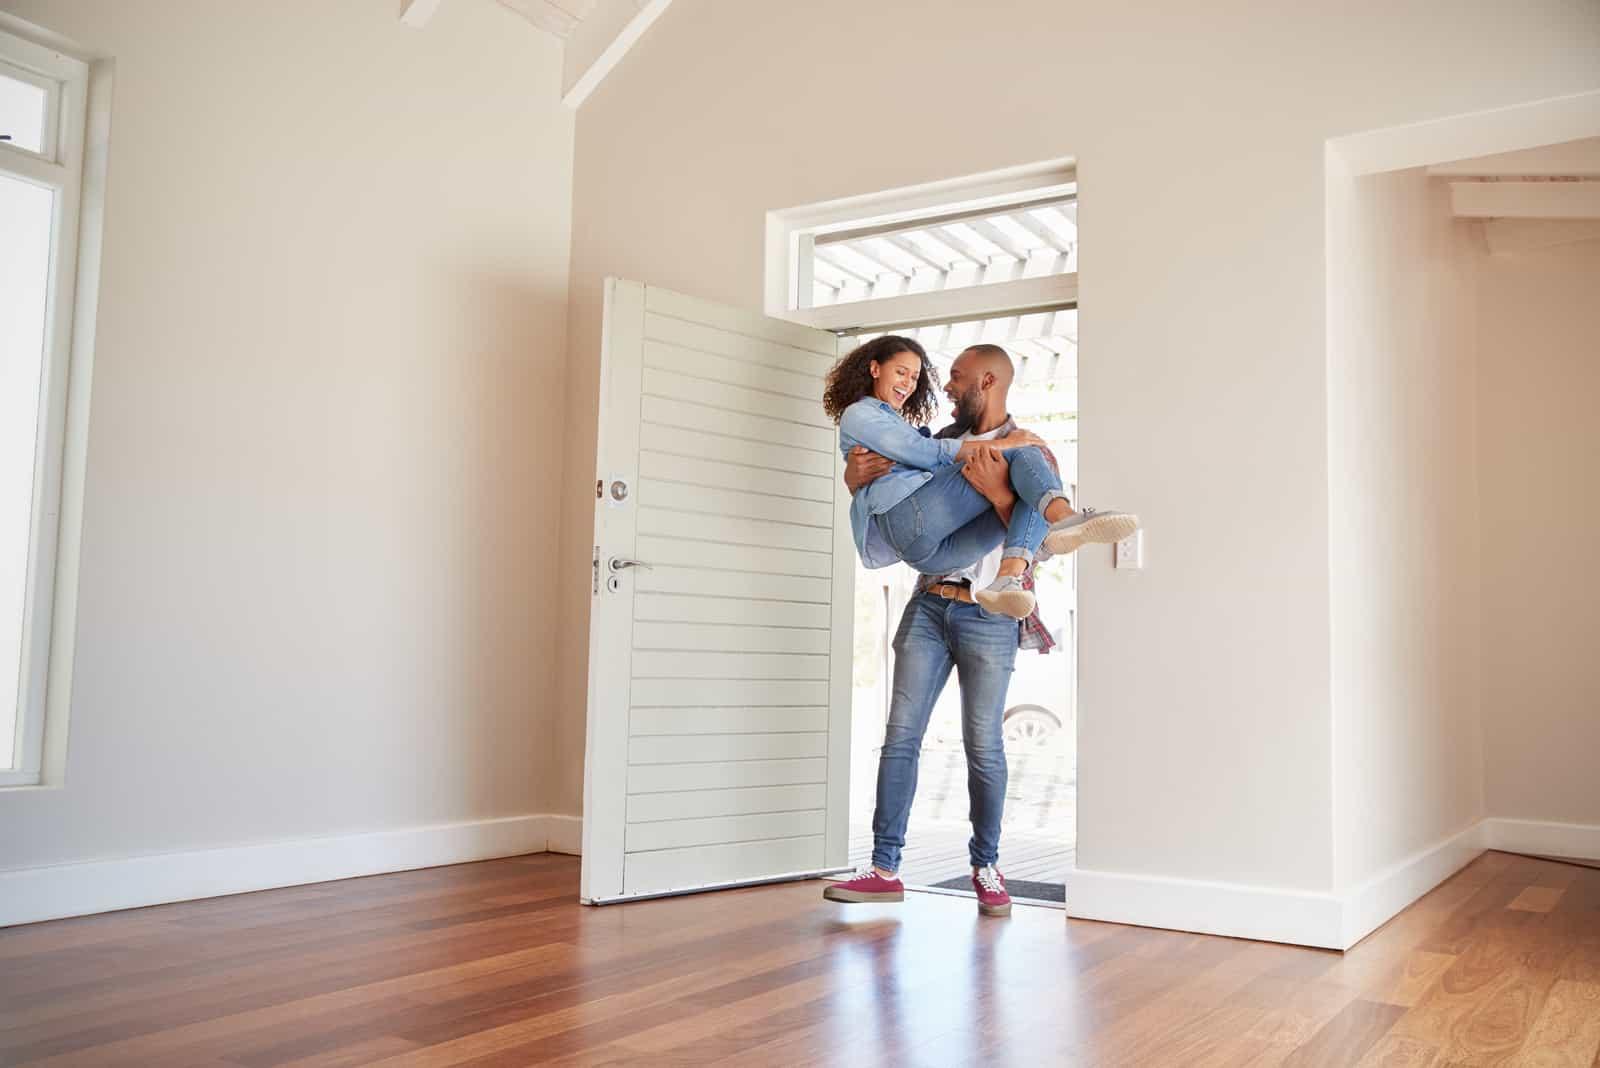 Mann, der Frau über Schwelle der Tür im neuen Haus trägt